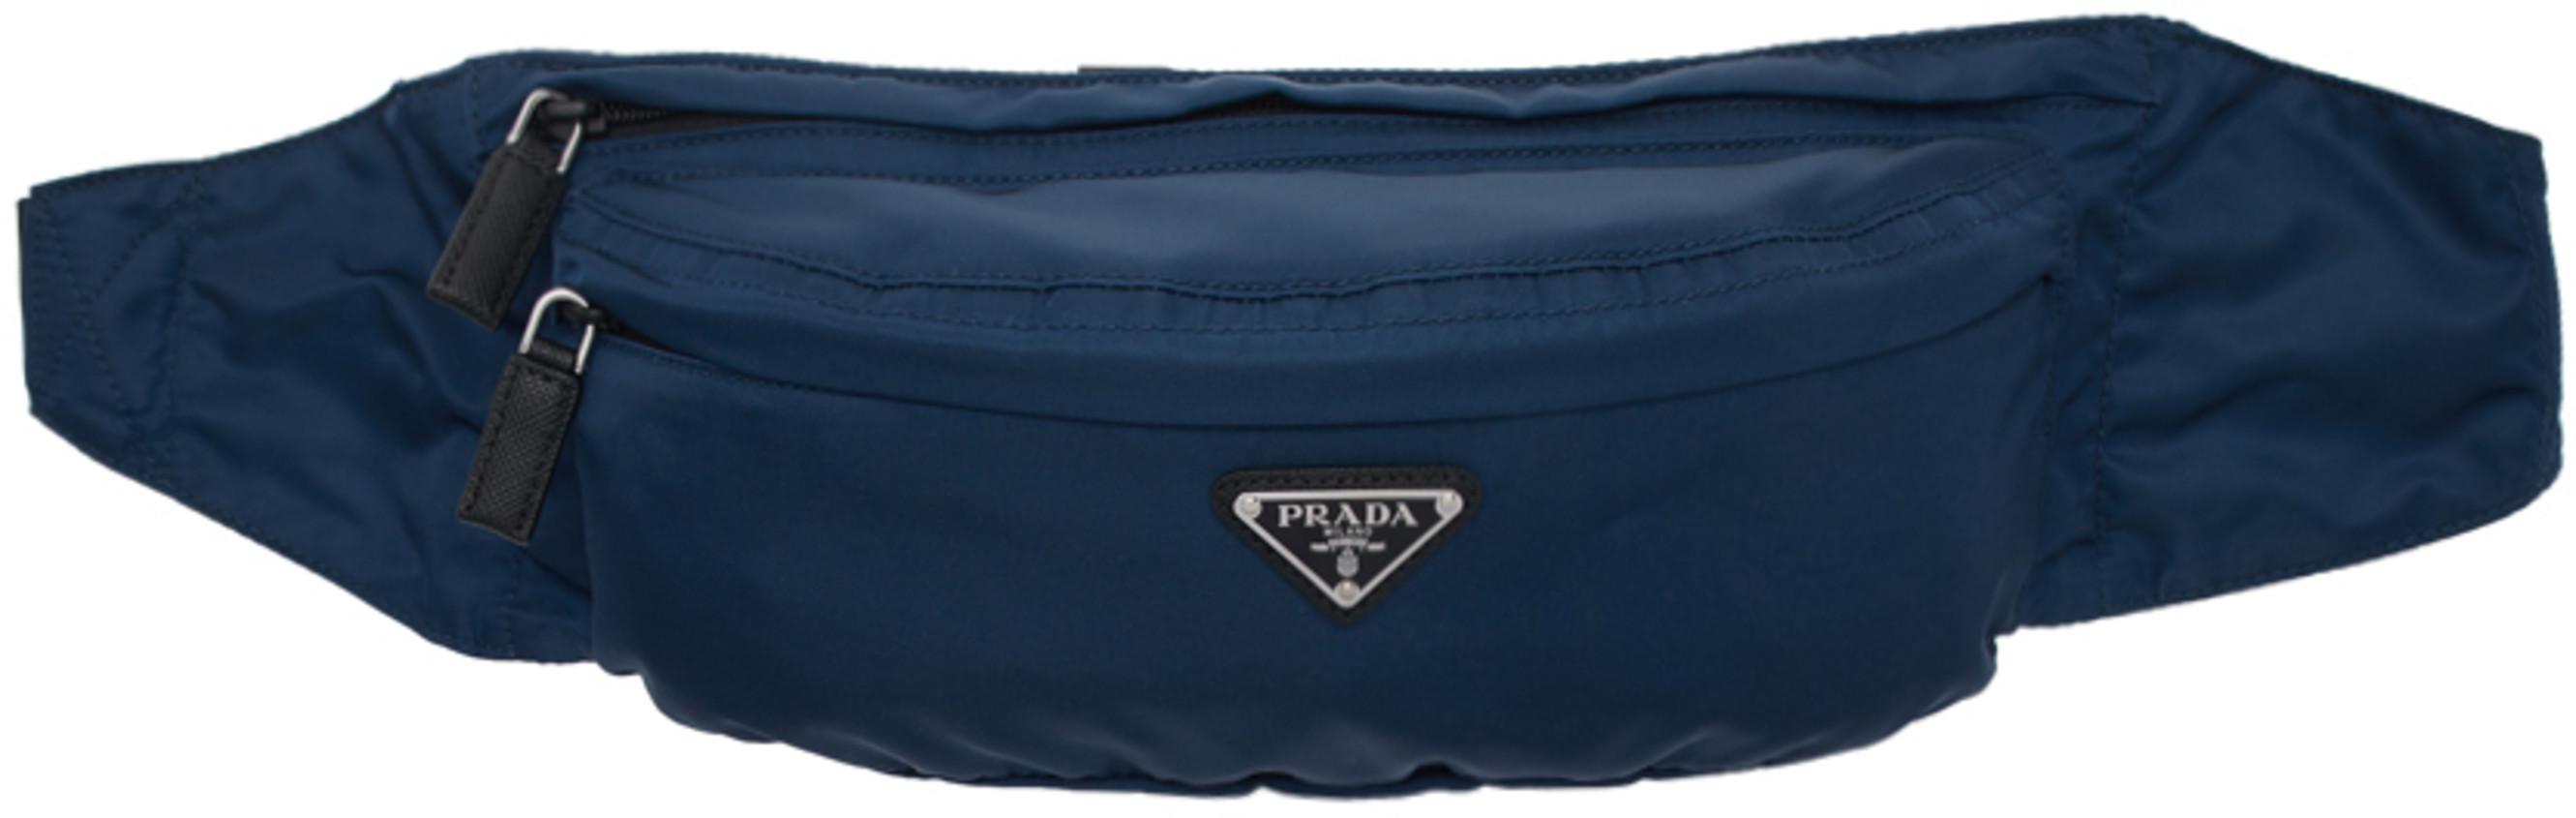 2ef90155da3d Prada bags for Men | SSENSE